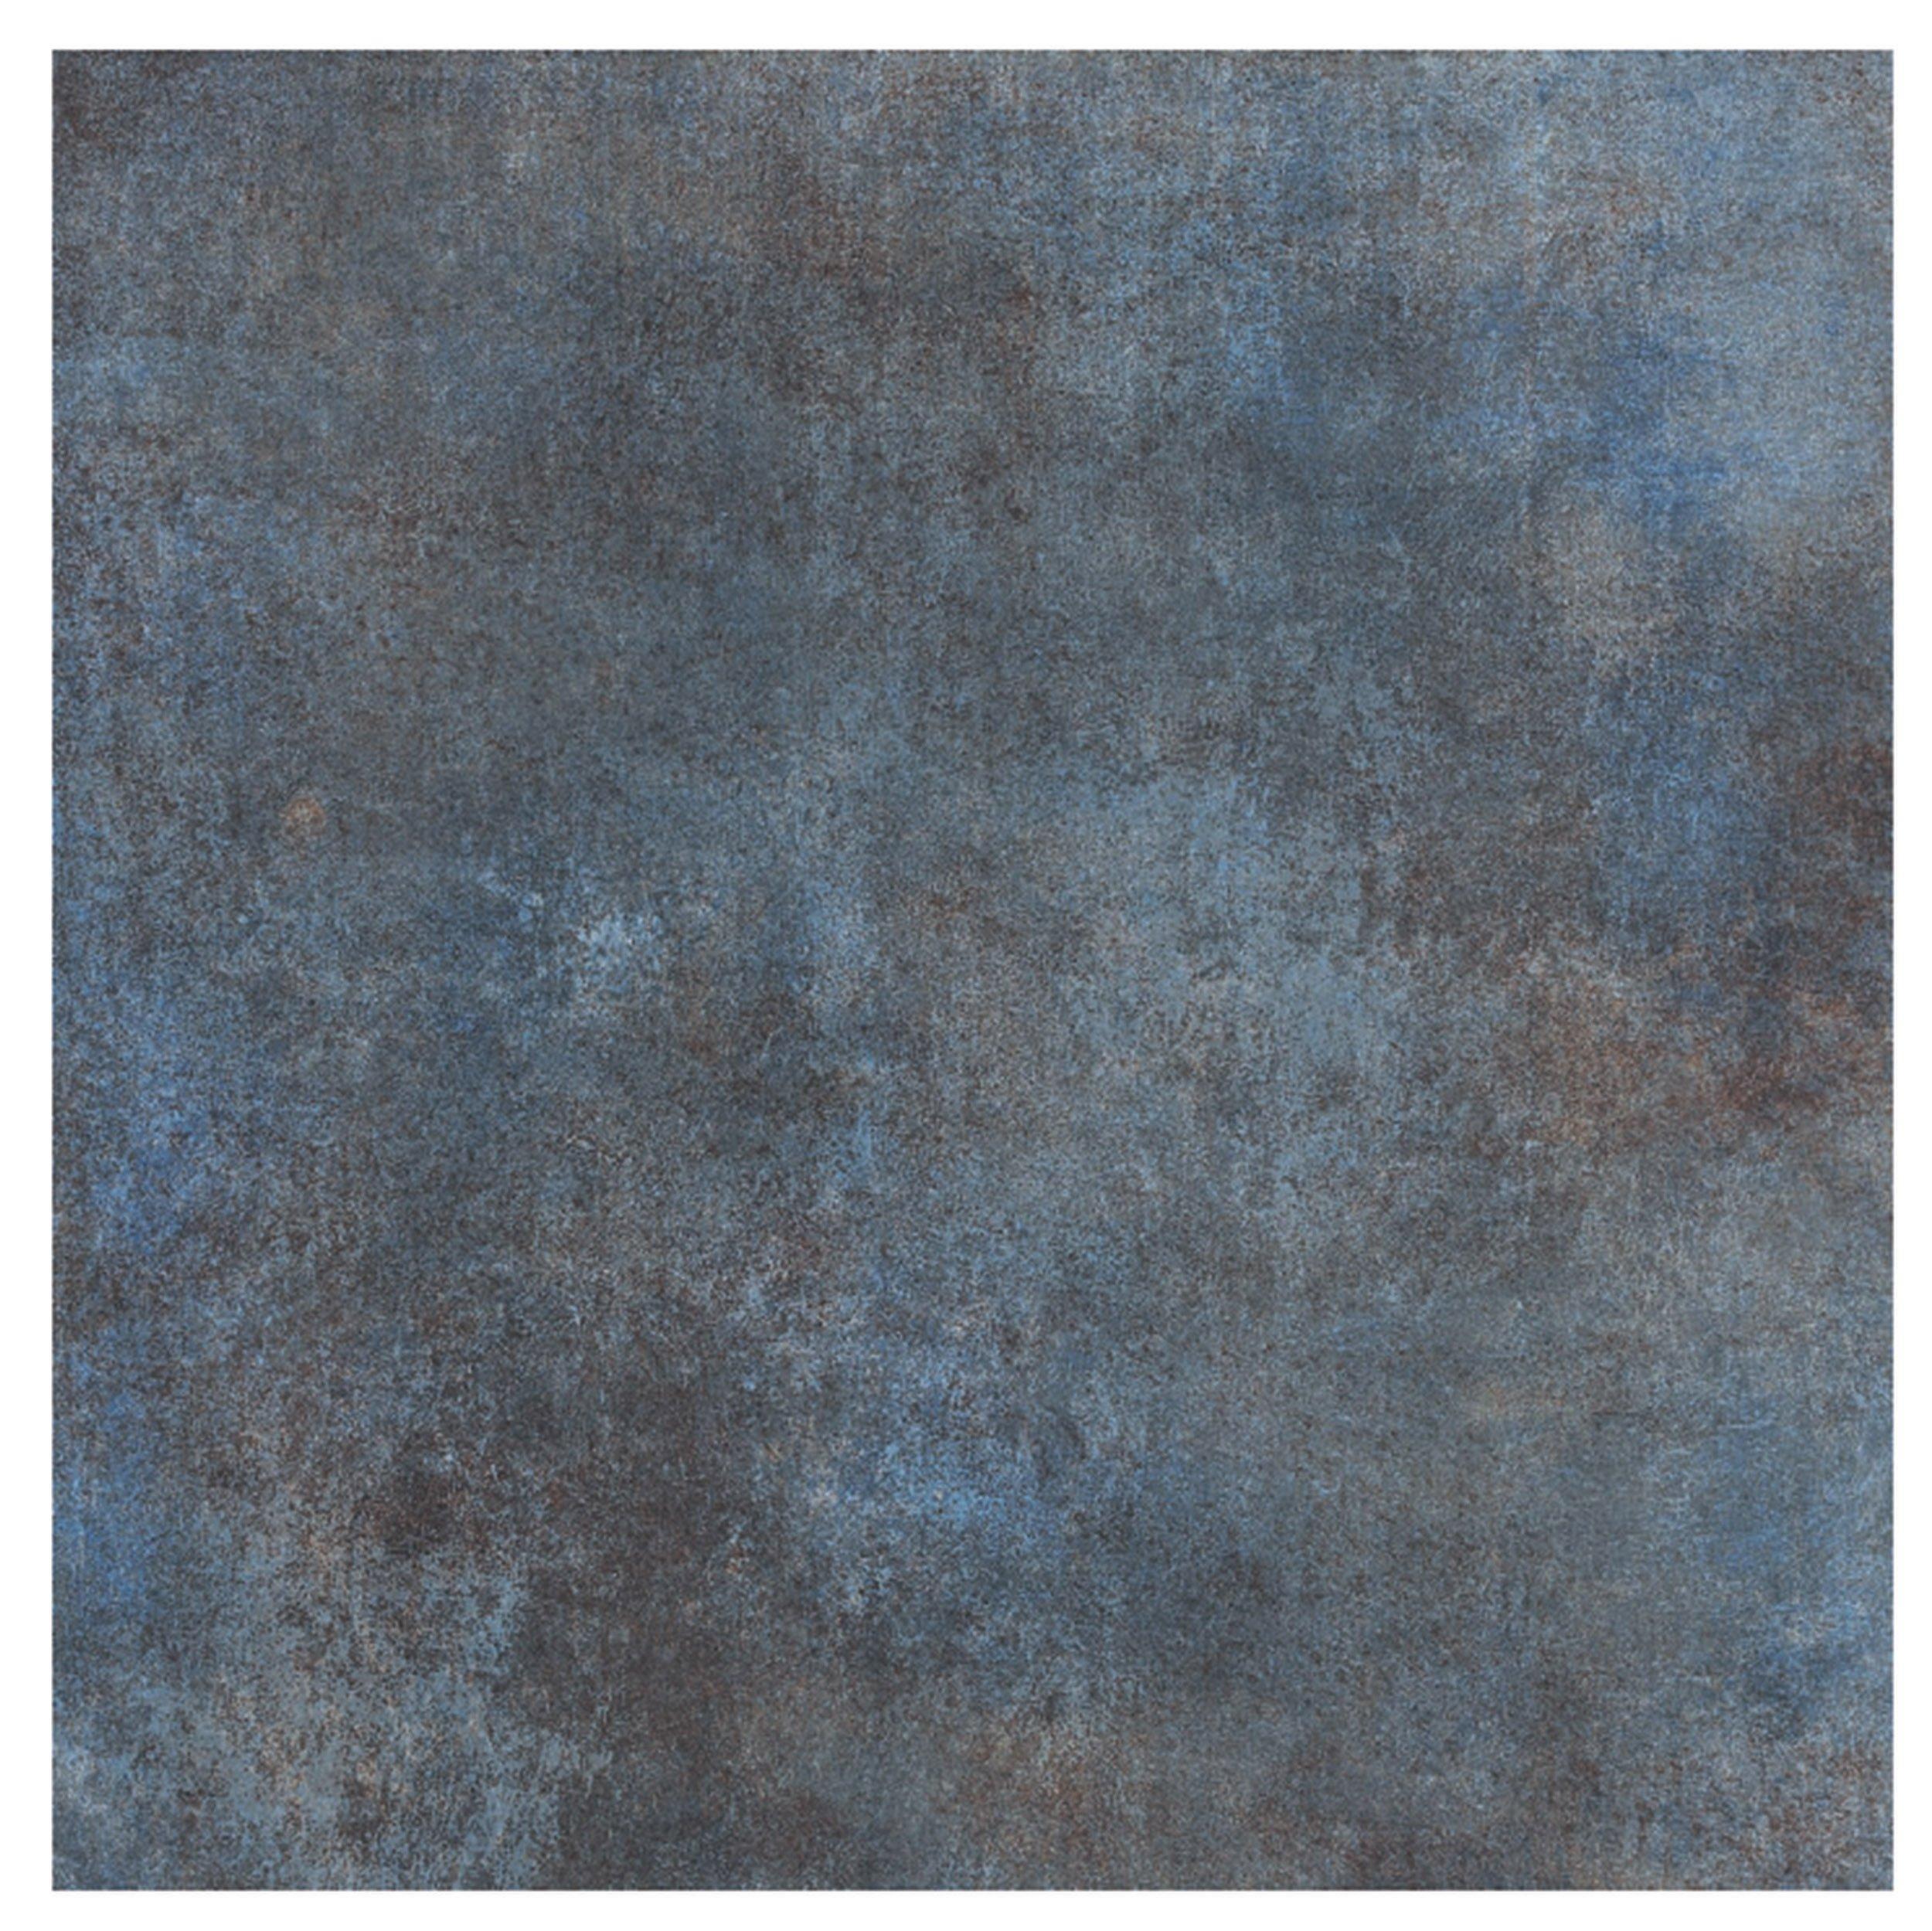 brisbane blue polished porcelain tile